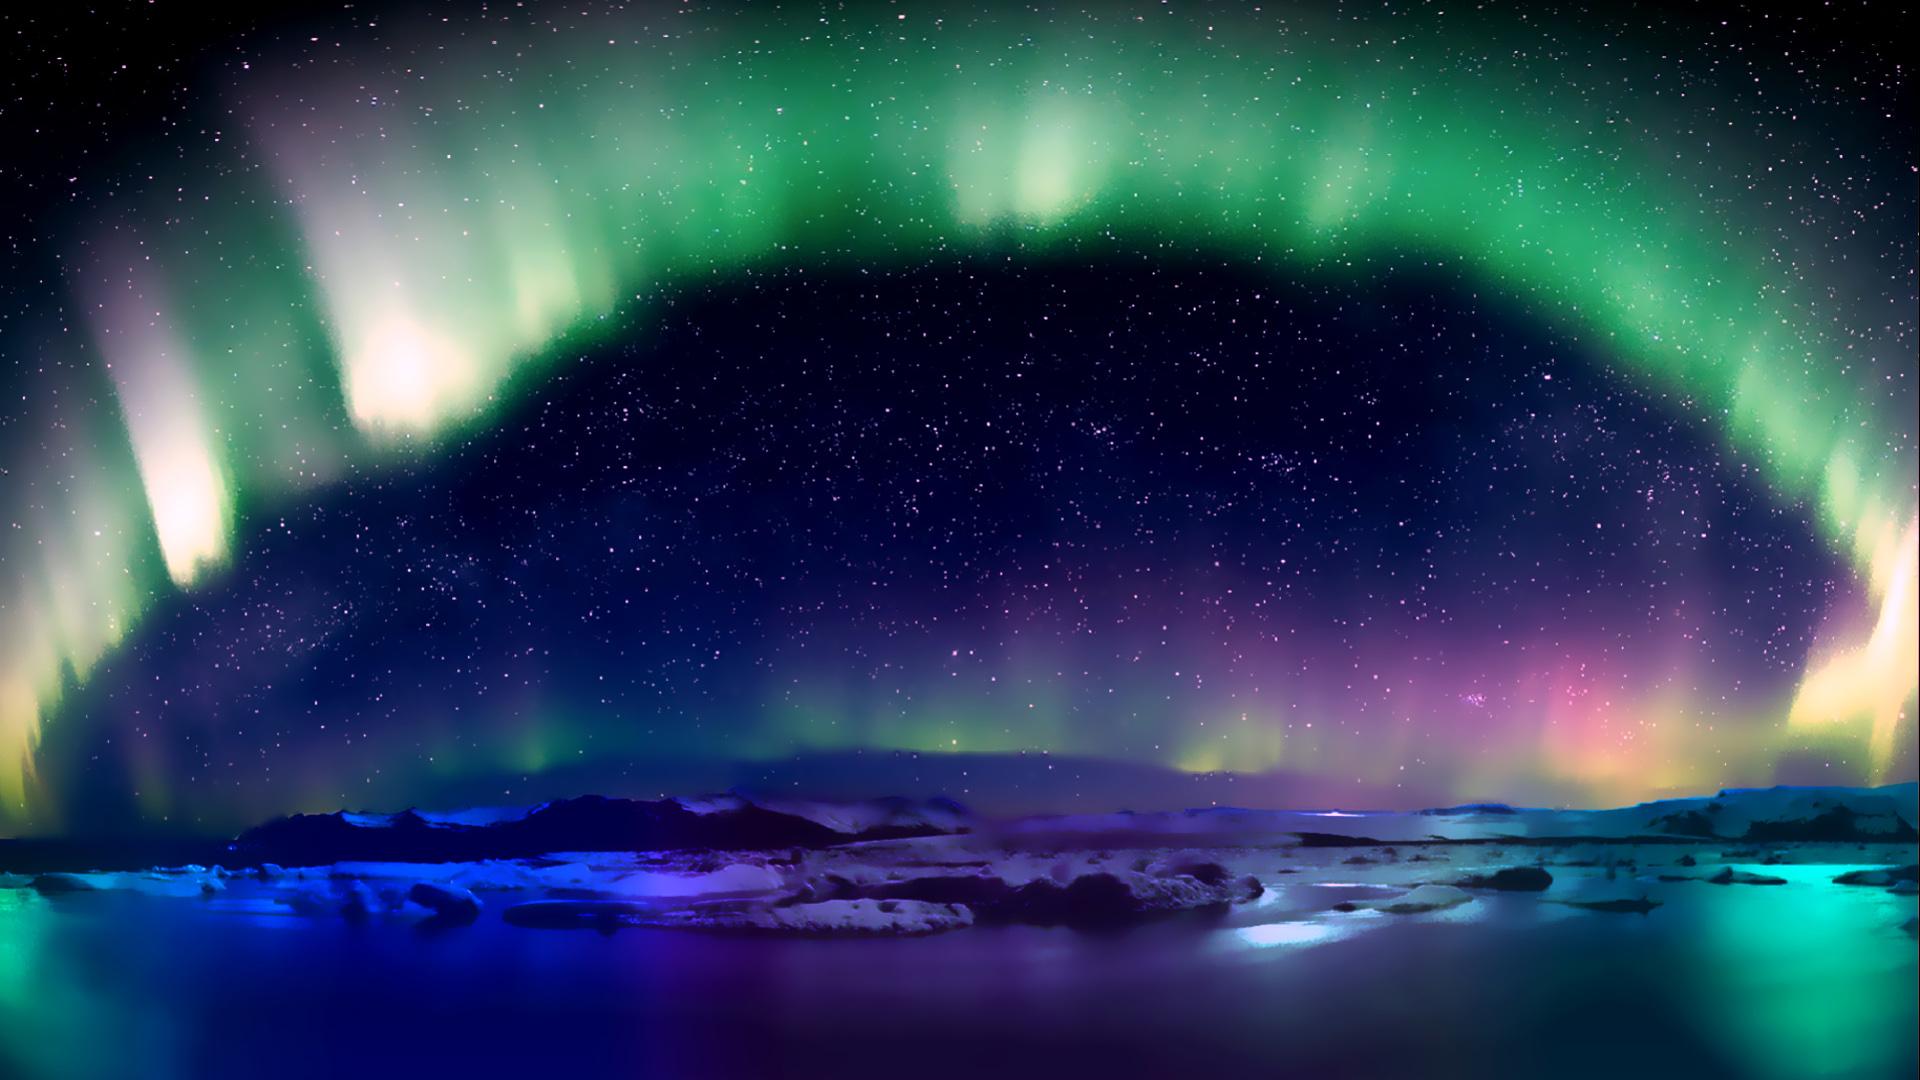 Sfondi aurora boreale 1920x1080 wind0227 1272449 for Sfondi desktop aurora boreale